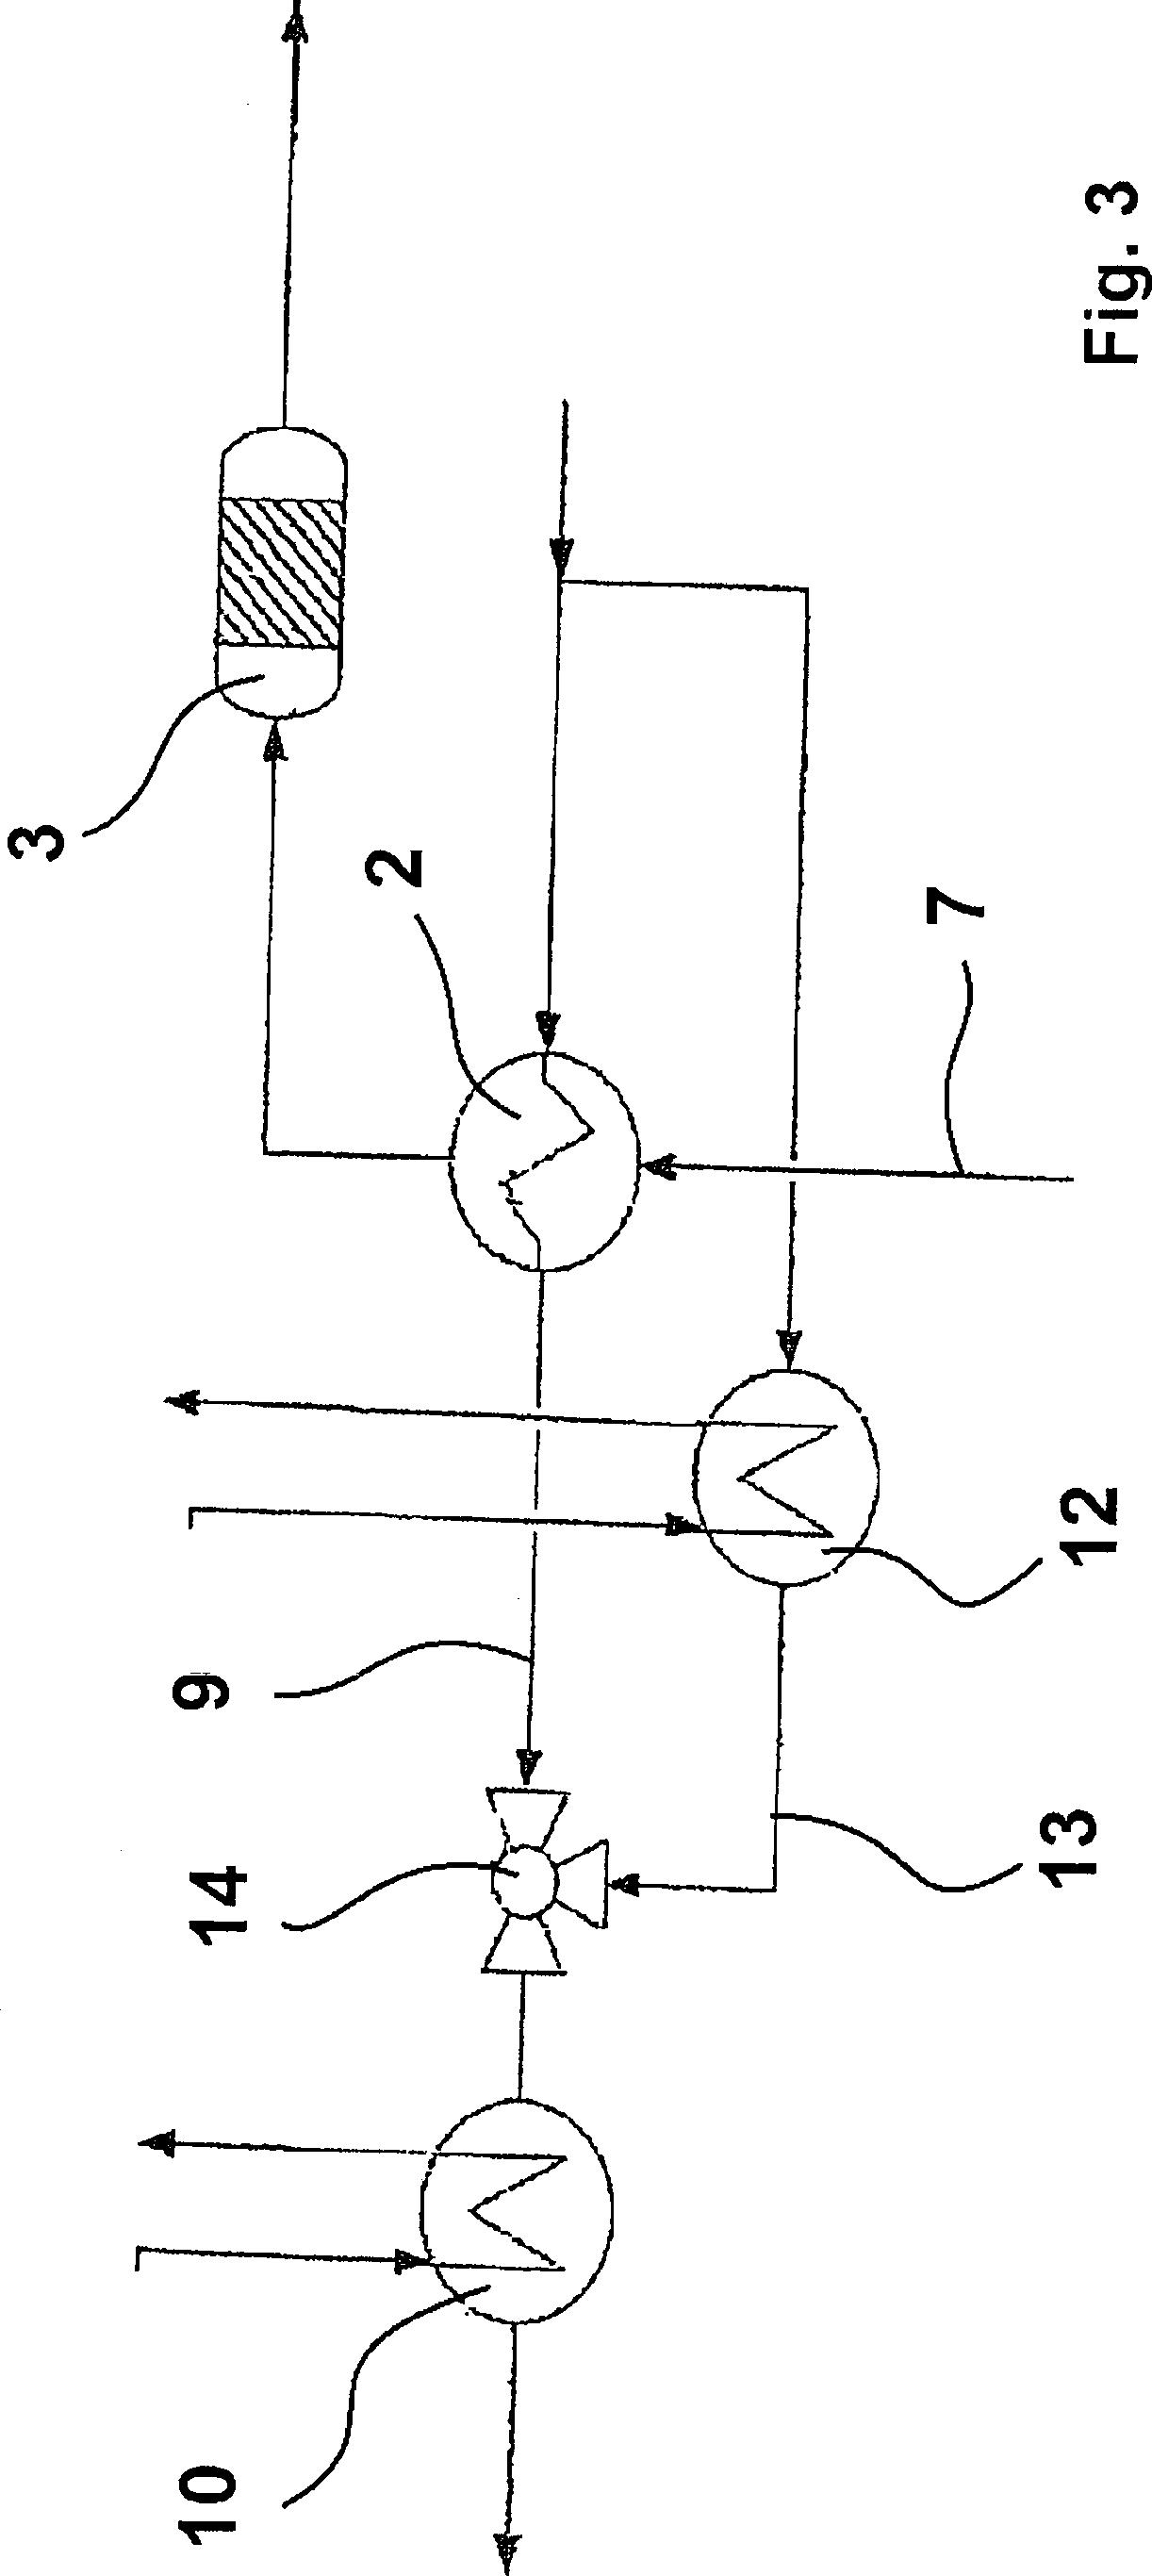 Groß Magnetek Motor Schaltplan Bilder - Der Schaltplan - triangre.info